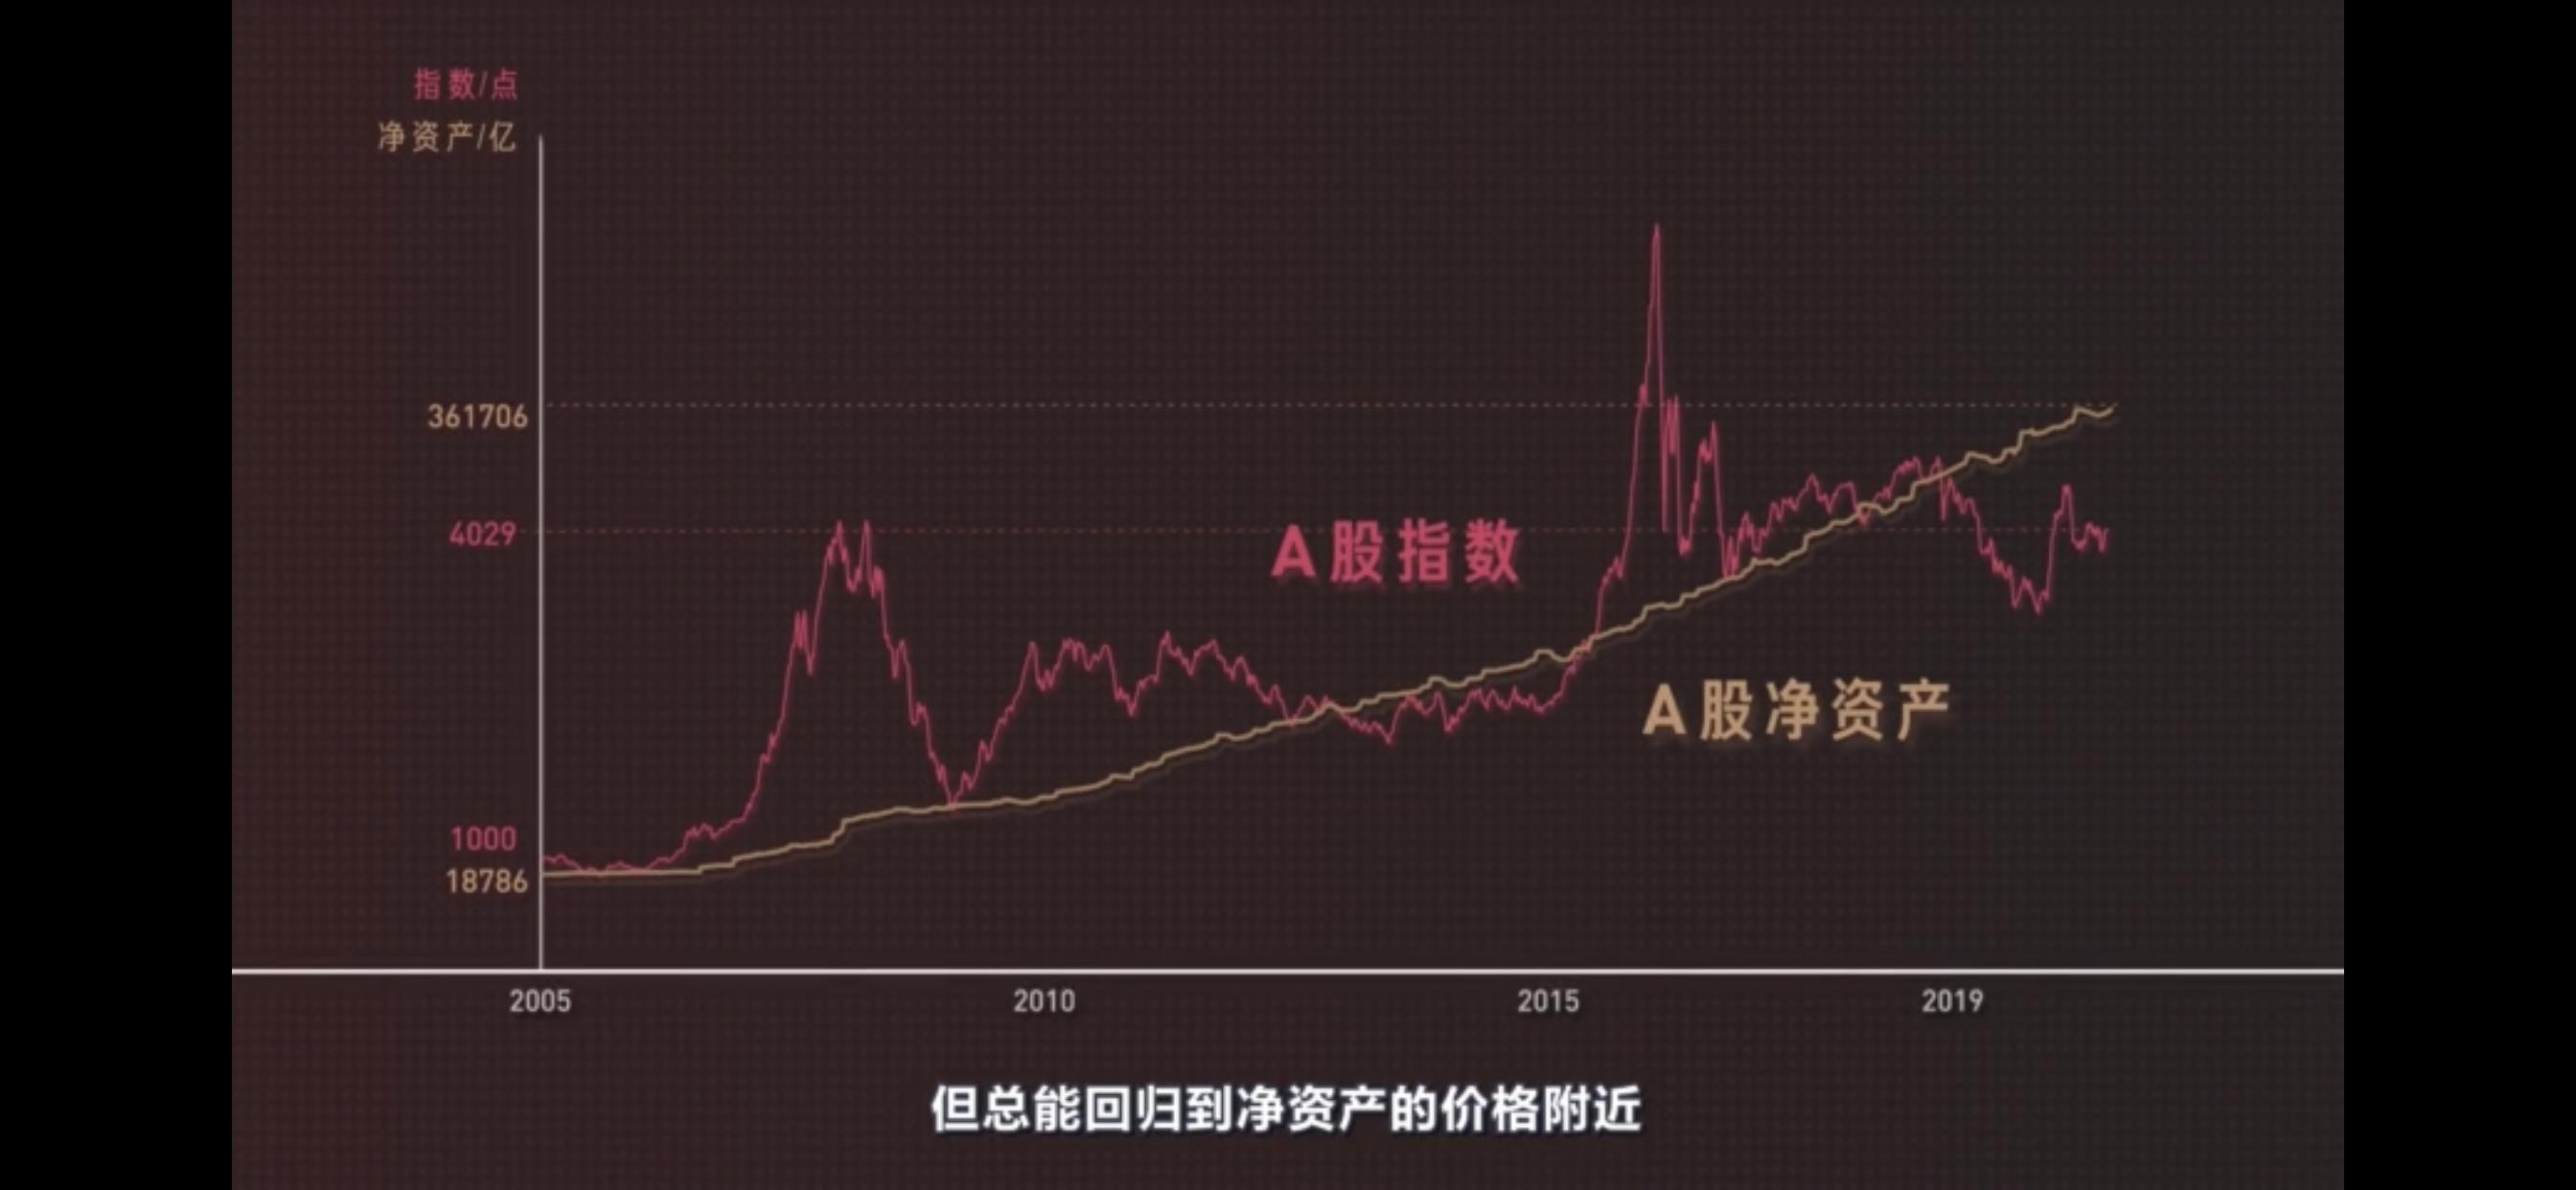 从金融市场的角度看所谓的行业风口、红利期